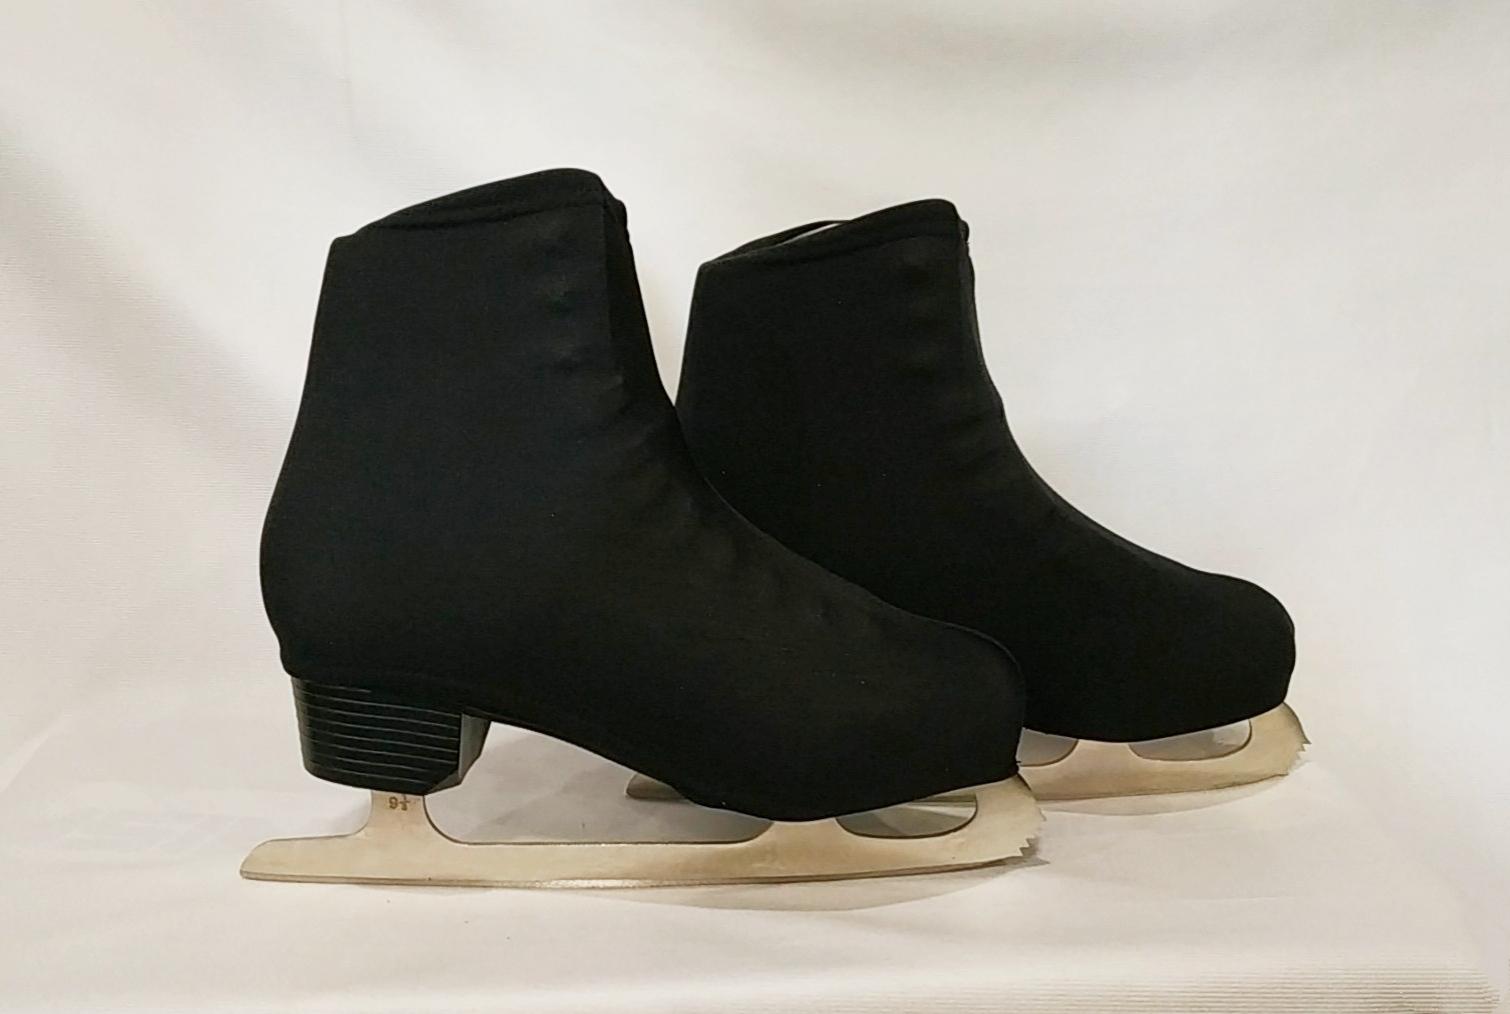 Чехлы на ботинки с застёжкой (чёрные)